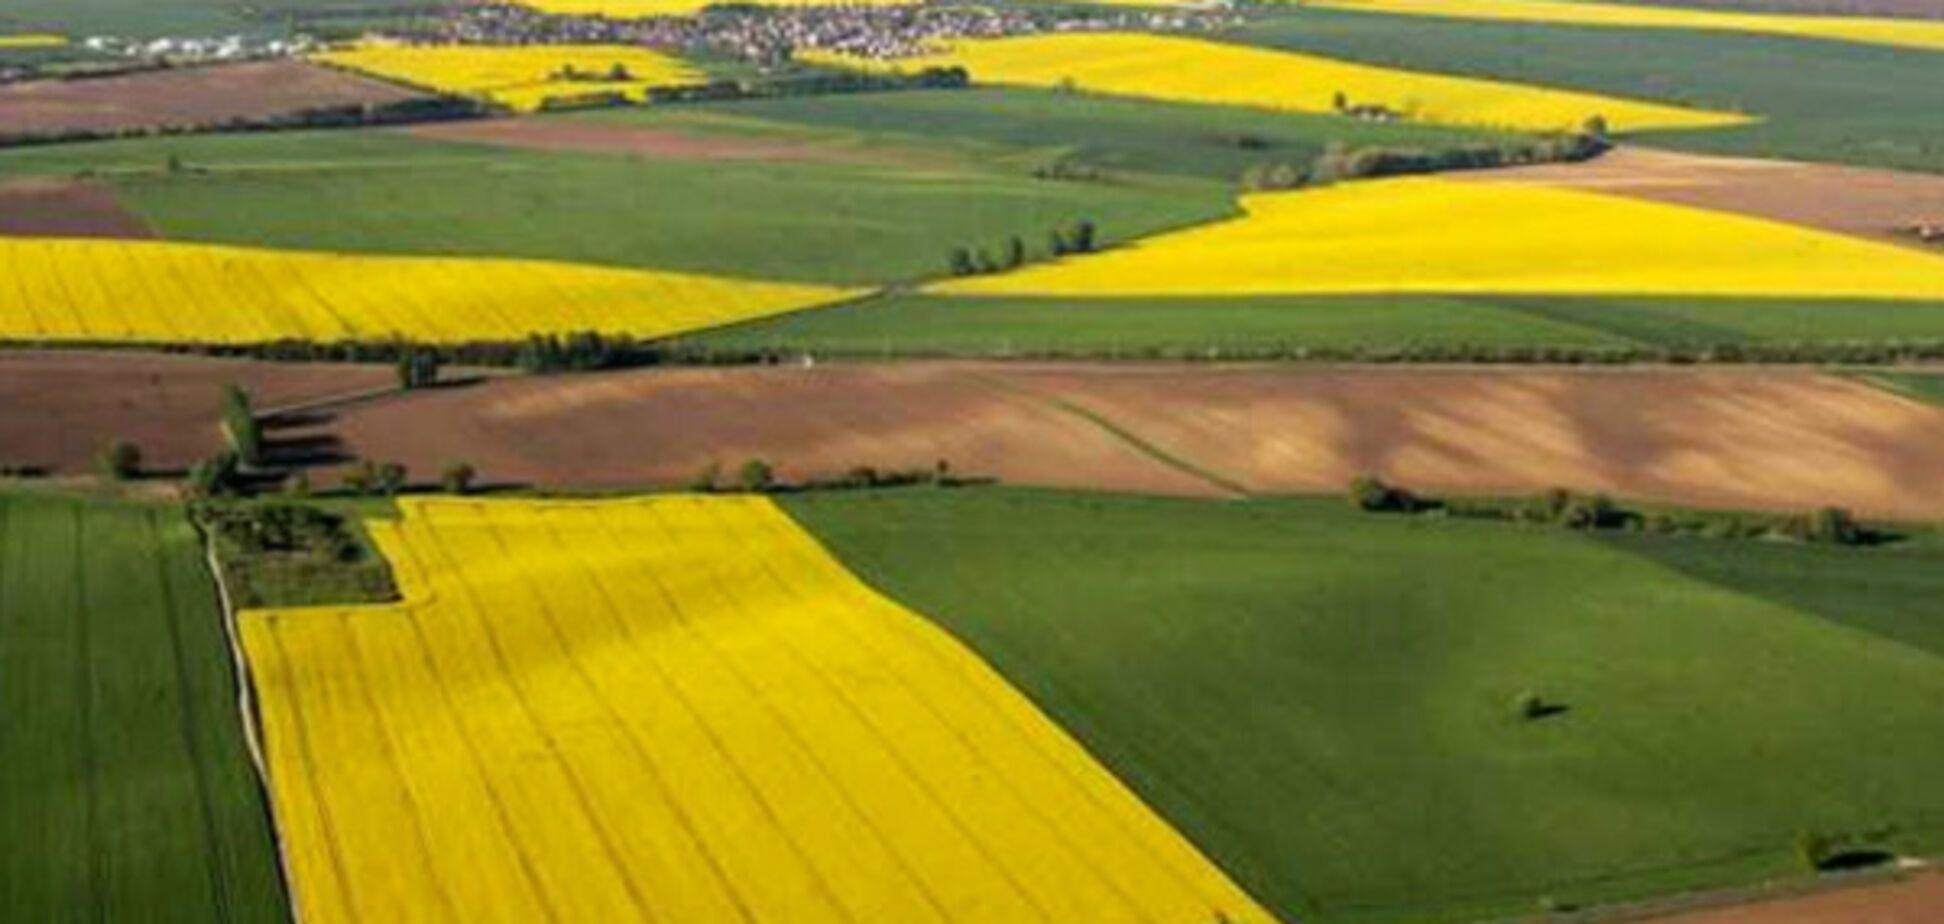 Нова модель земреформи від Кабміну дозволить фермерам вигідно купити землю